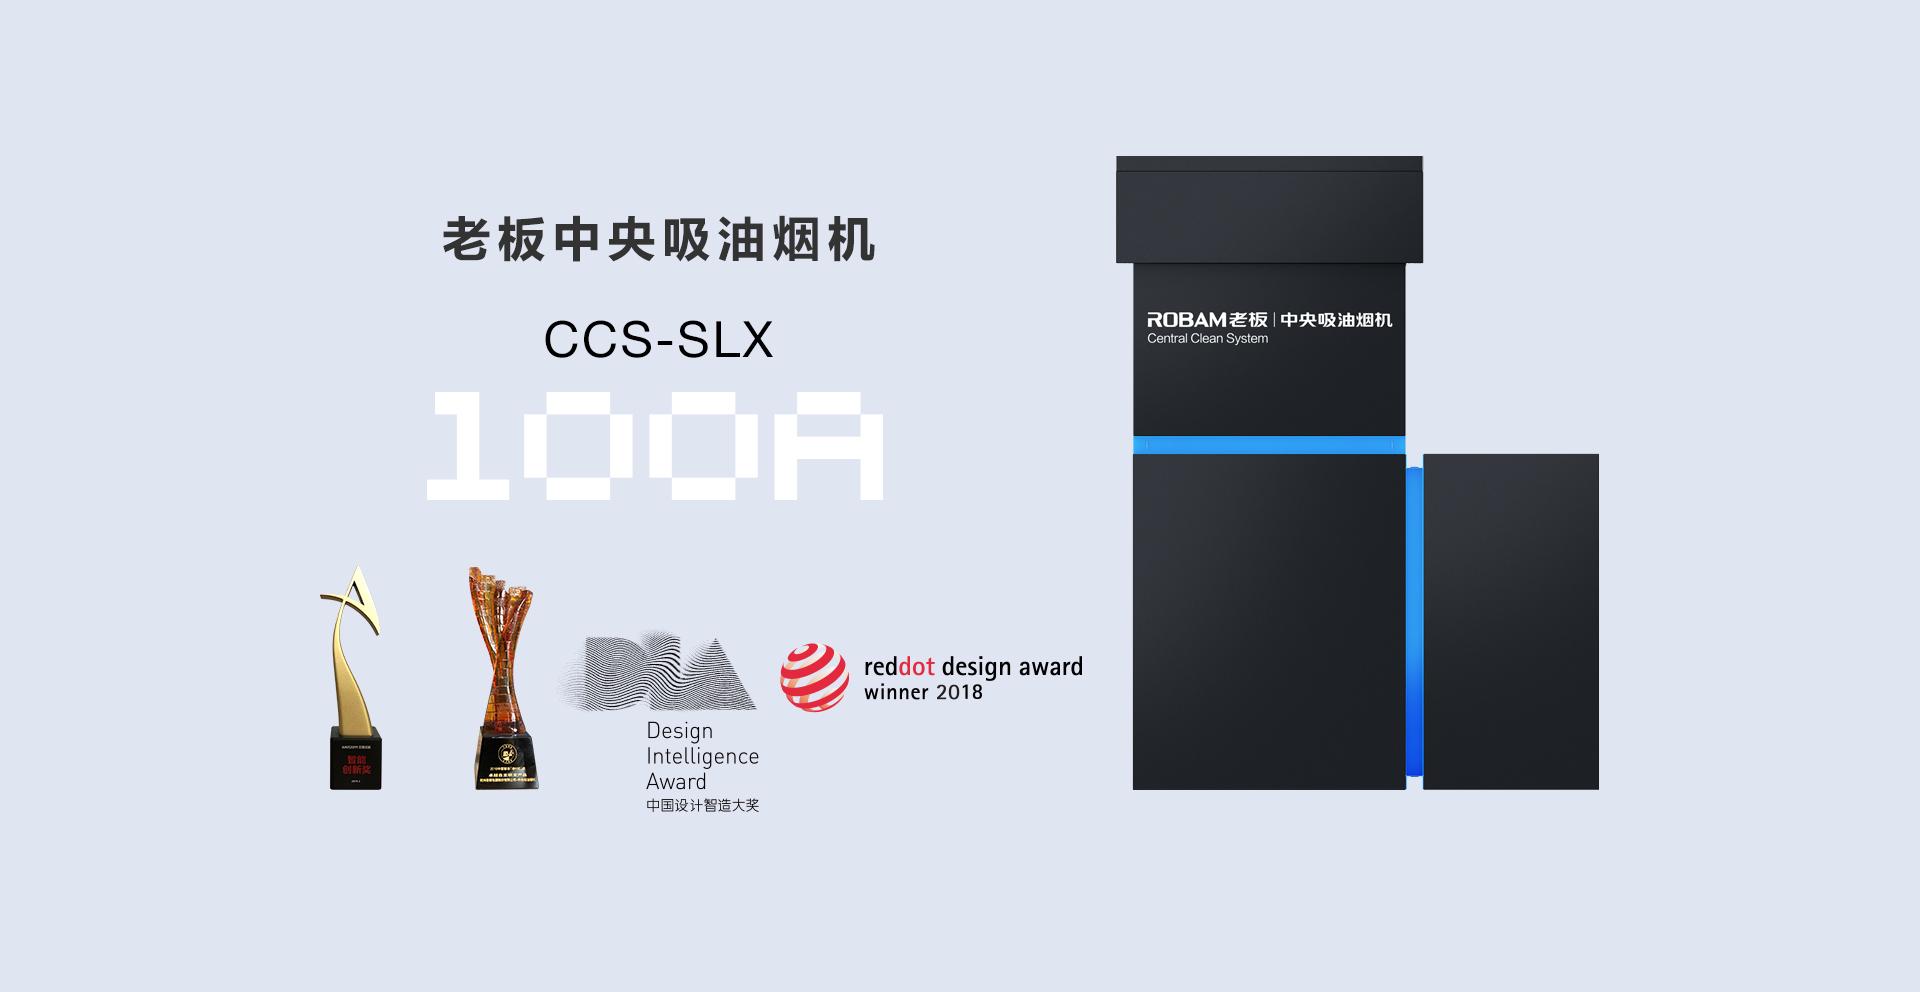 CCS-SLX-100A-详情页-PC端-201225_01.png